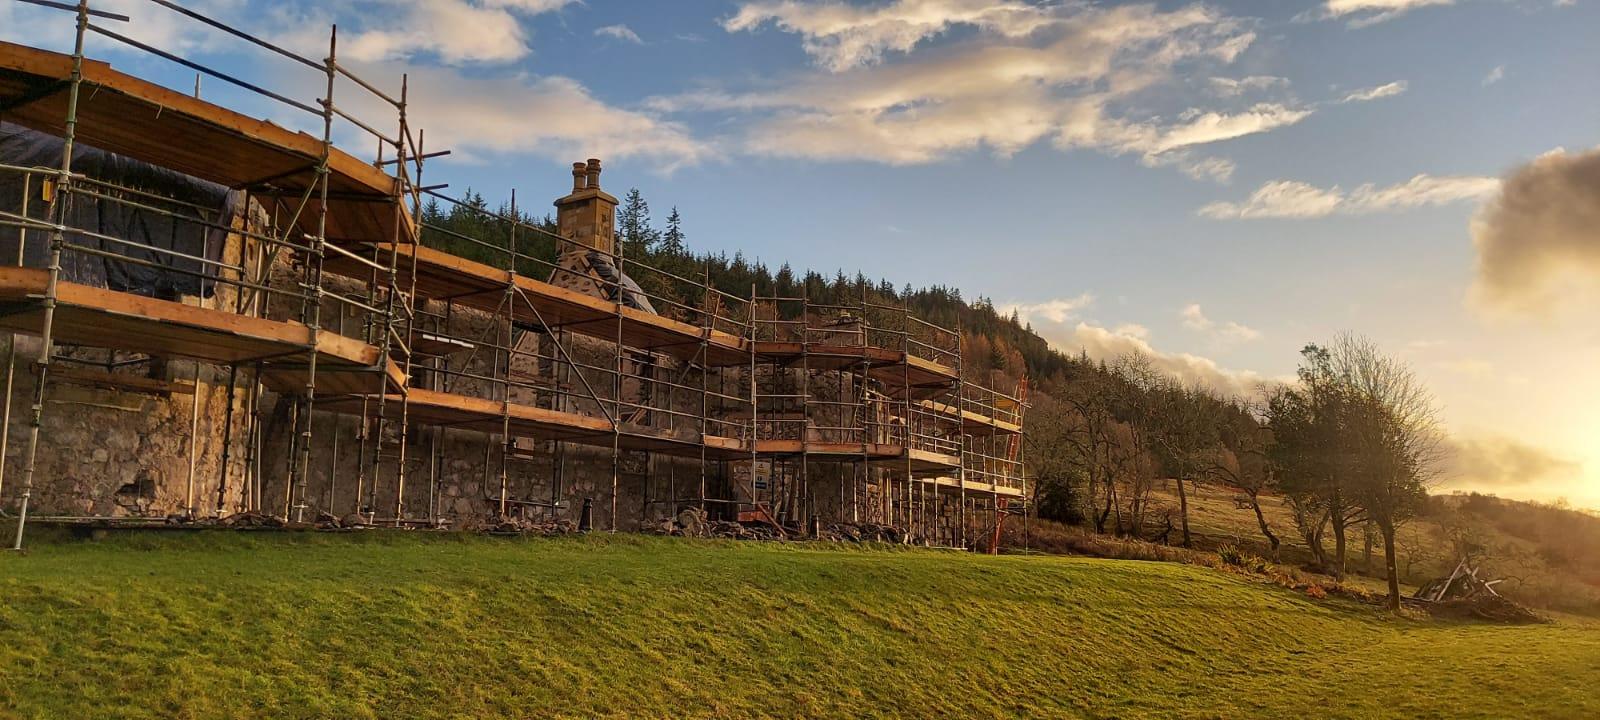 Boleskine House with scaffolding at sunset